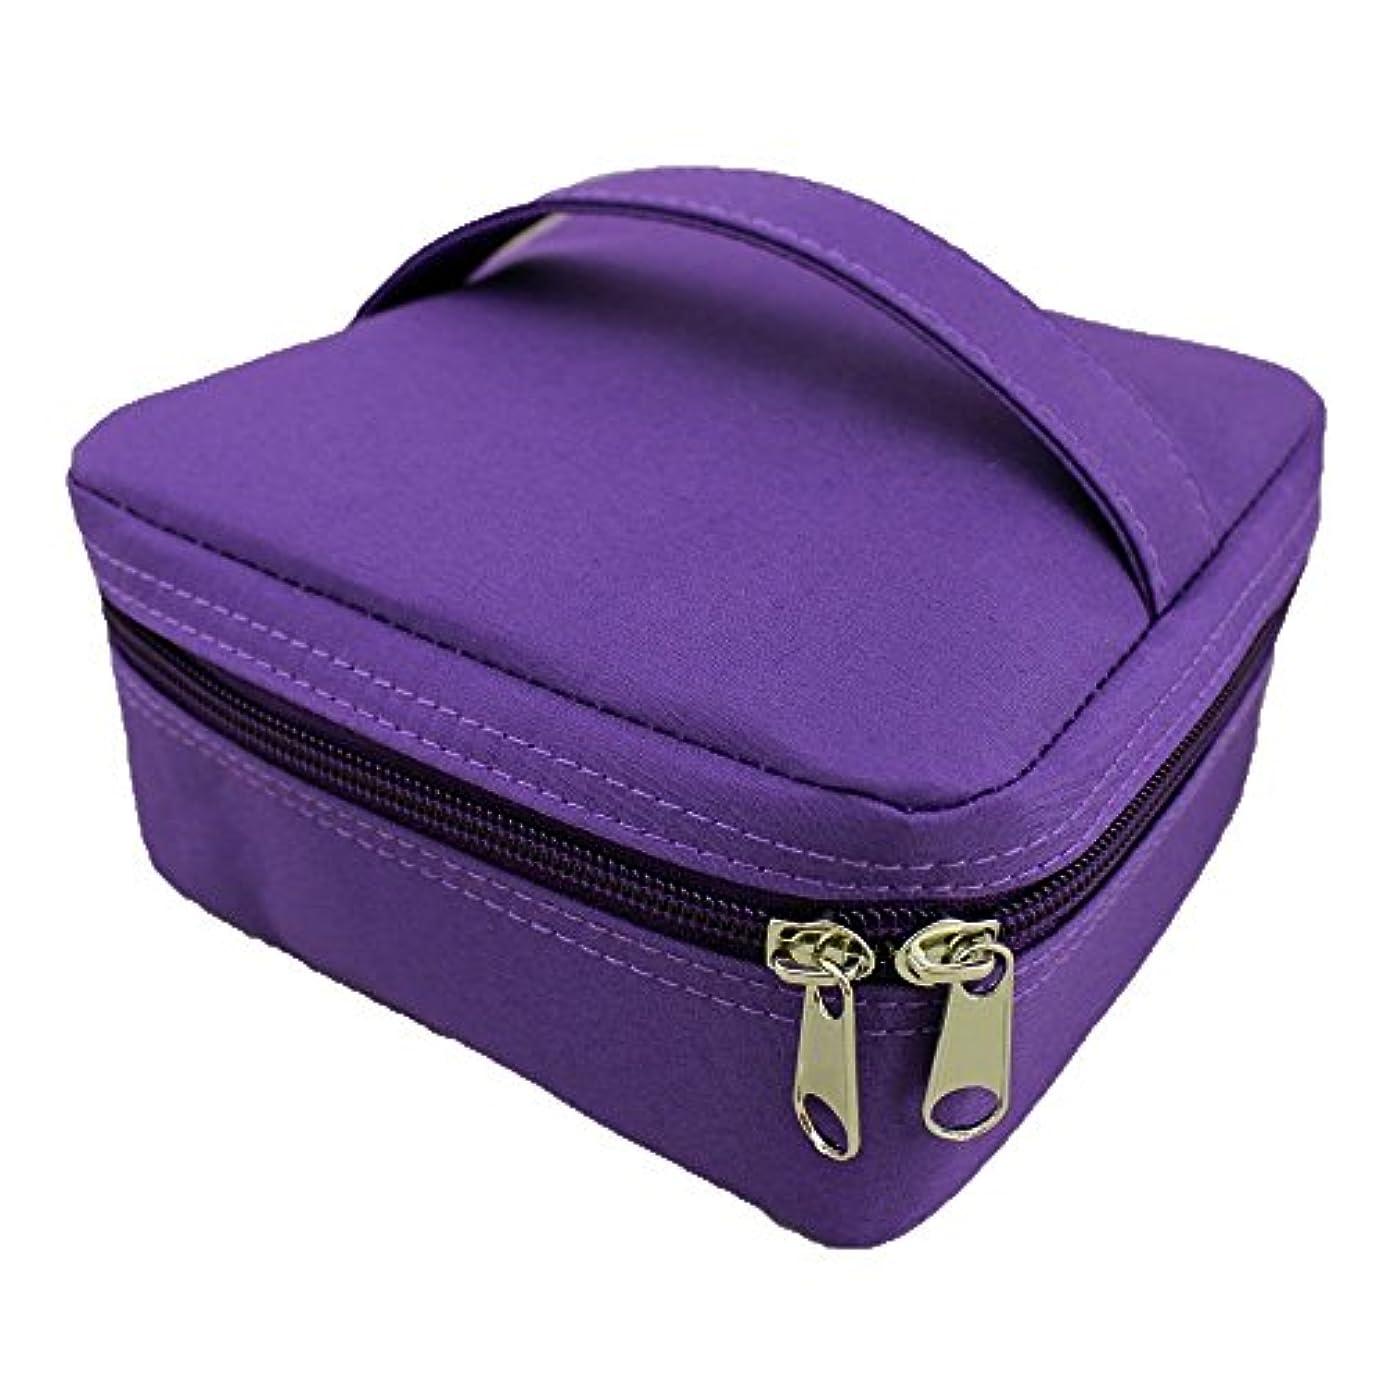 利点排除する女性エッセンシャルオイル ポーチ スージングテラ スクエア (パープル(紫))